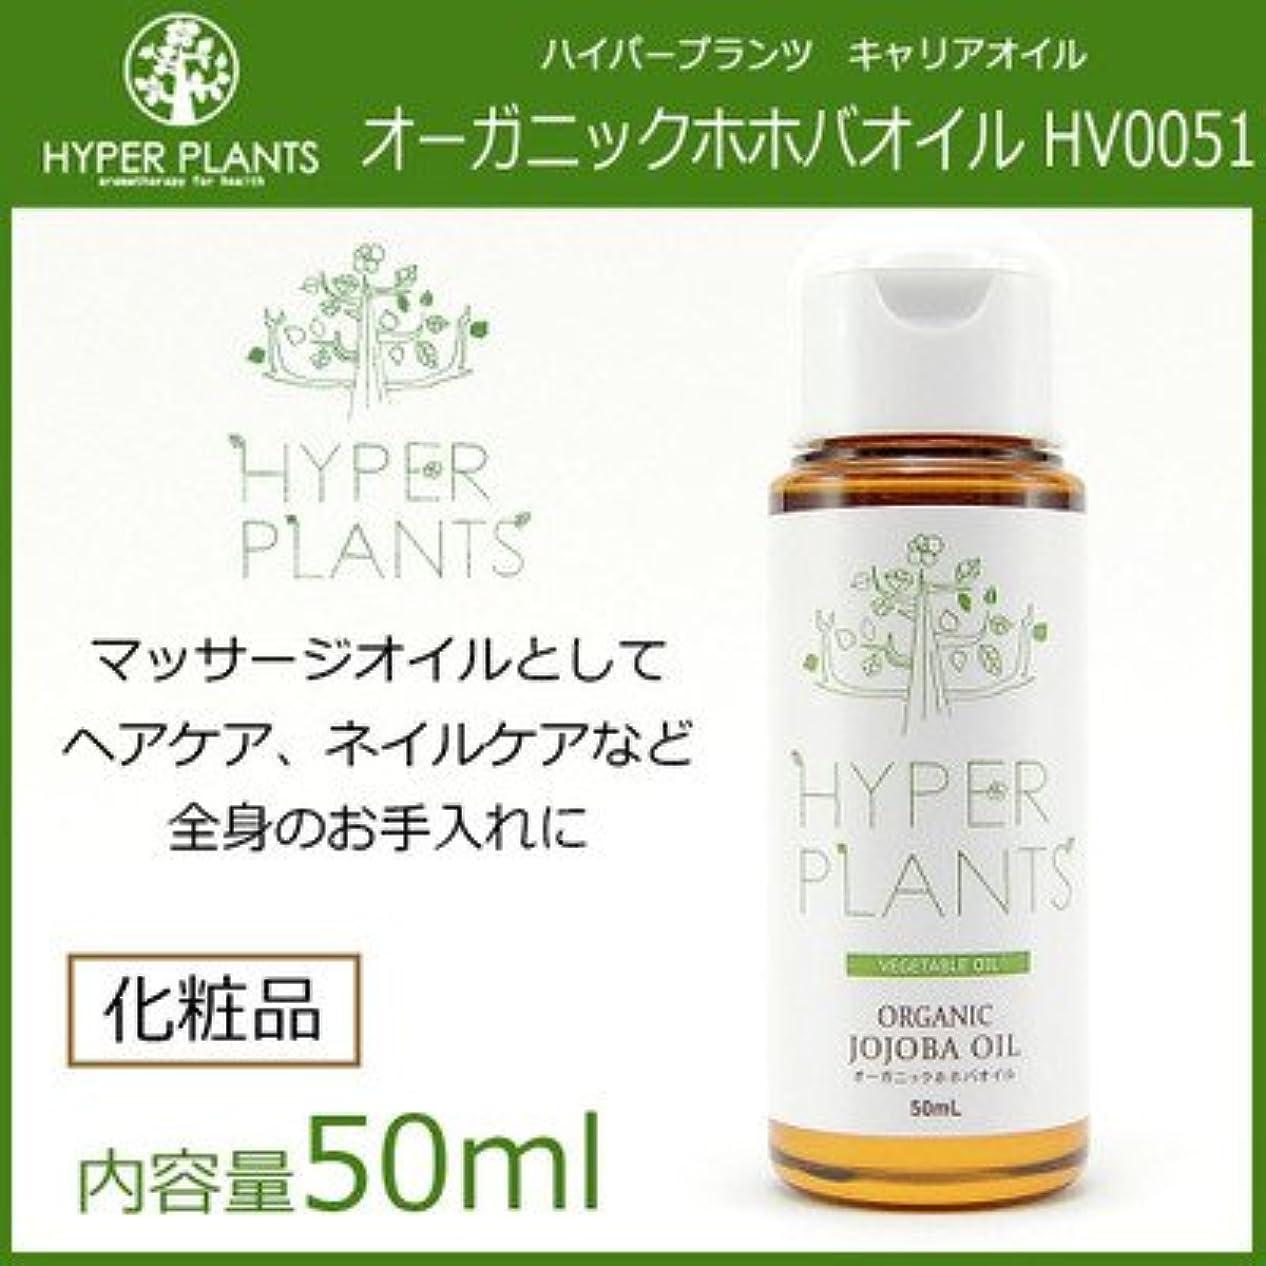 ホイスト衰えるブラウズ天然植物原料100%使用 肌なじみが良い定番オイル HYPER PLANTS ハイパープランツ キャリアオイル オーガニックホホバオイル 50ml HV0051